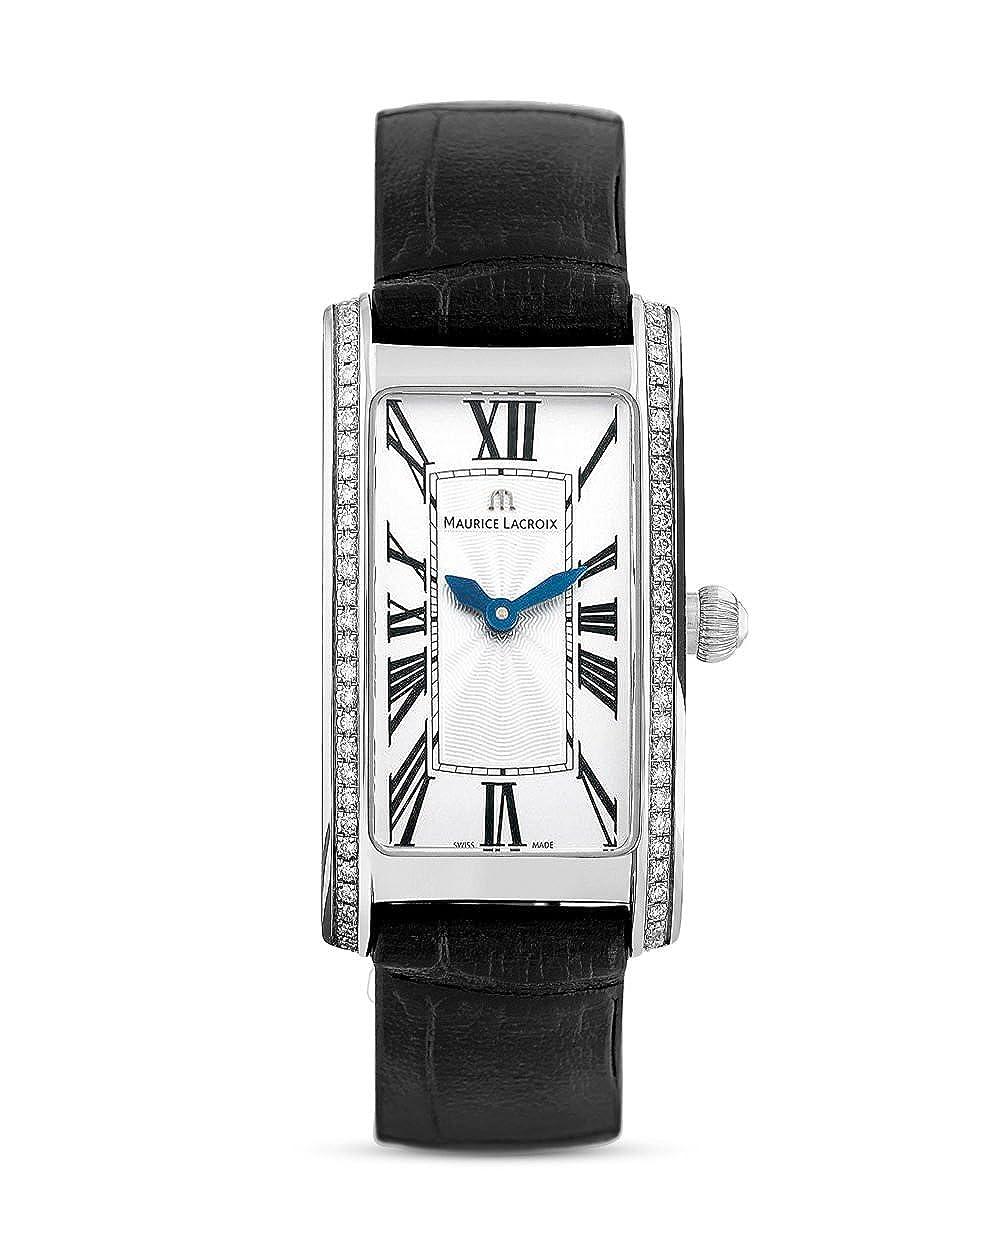 (モーリスラクロア) Maurice Lacroix 腕時計 FIABA FA2164-SD531-118-1 レディース [並 B0758GZX6Y